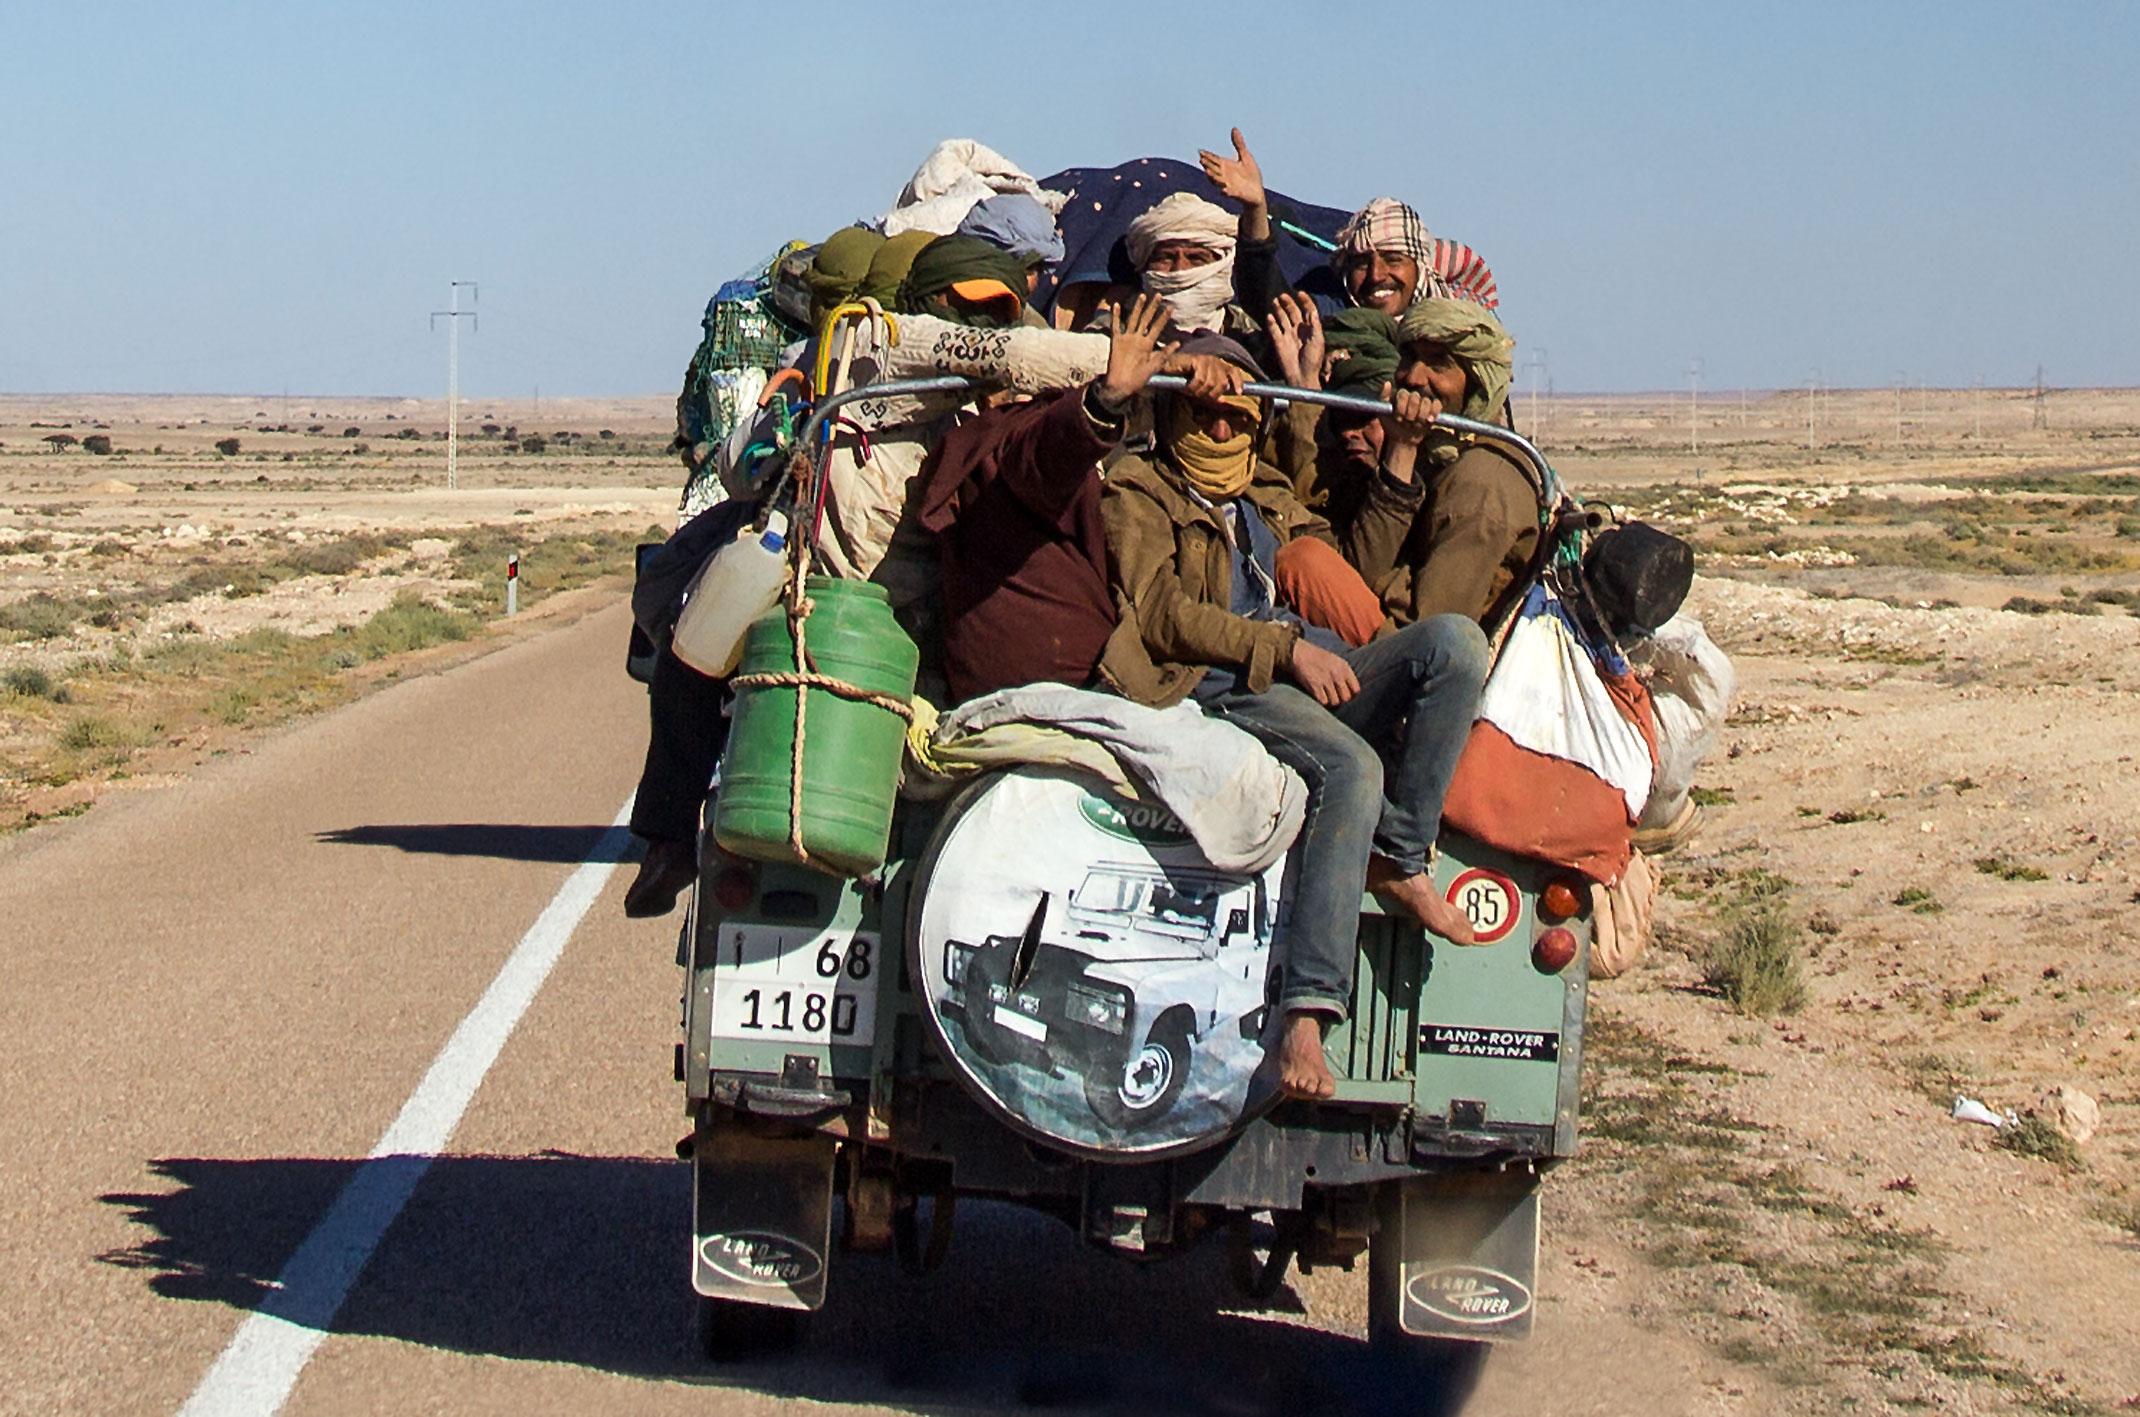 Maroko.jazda terenowym samochodem